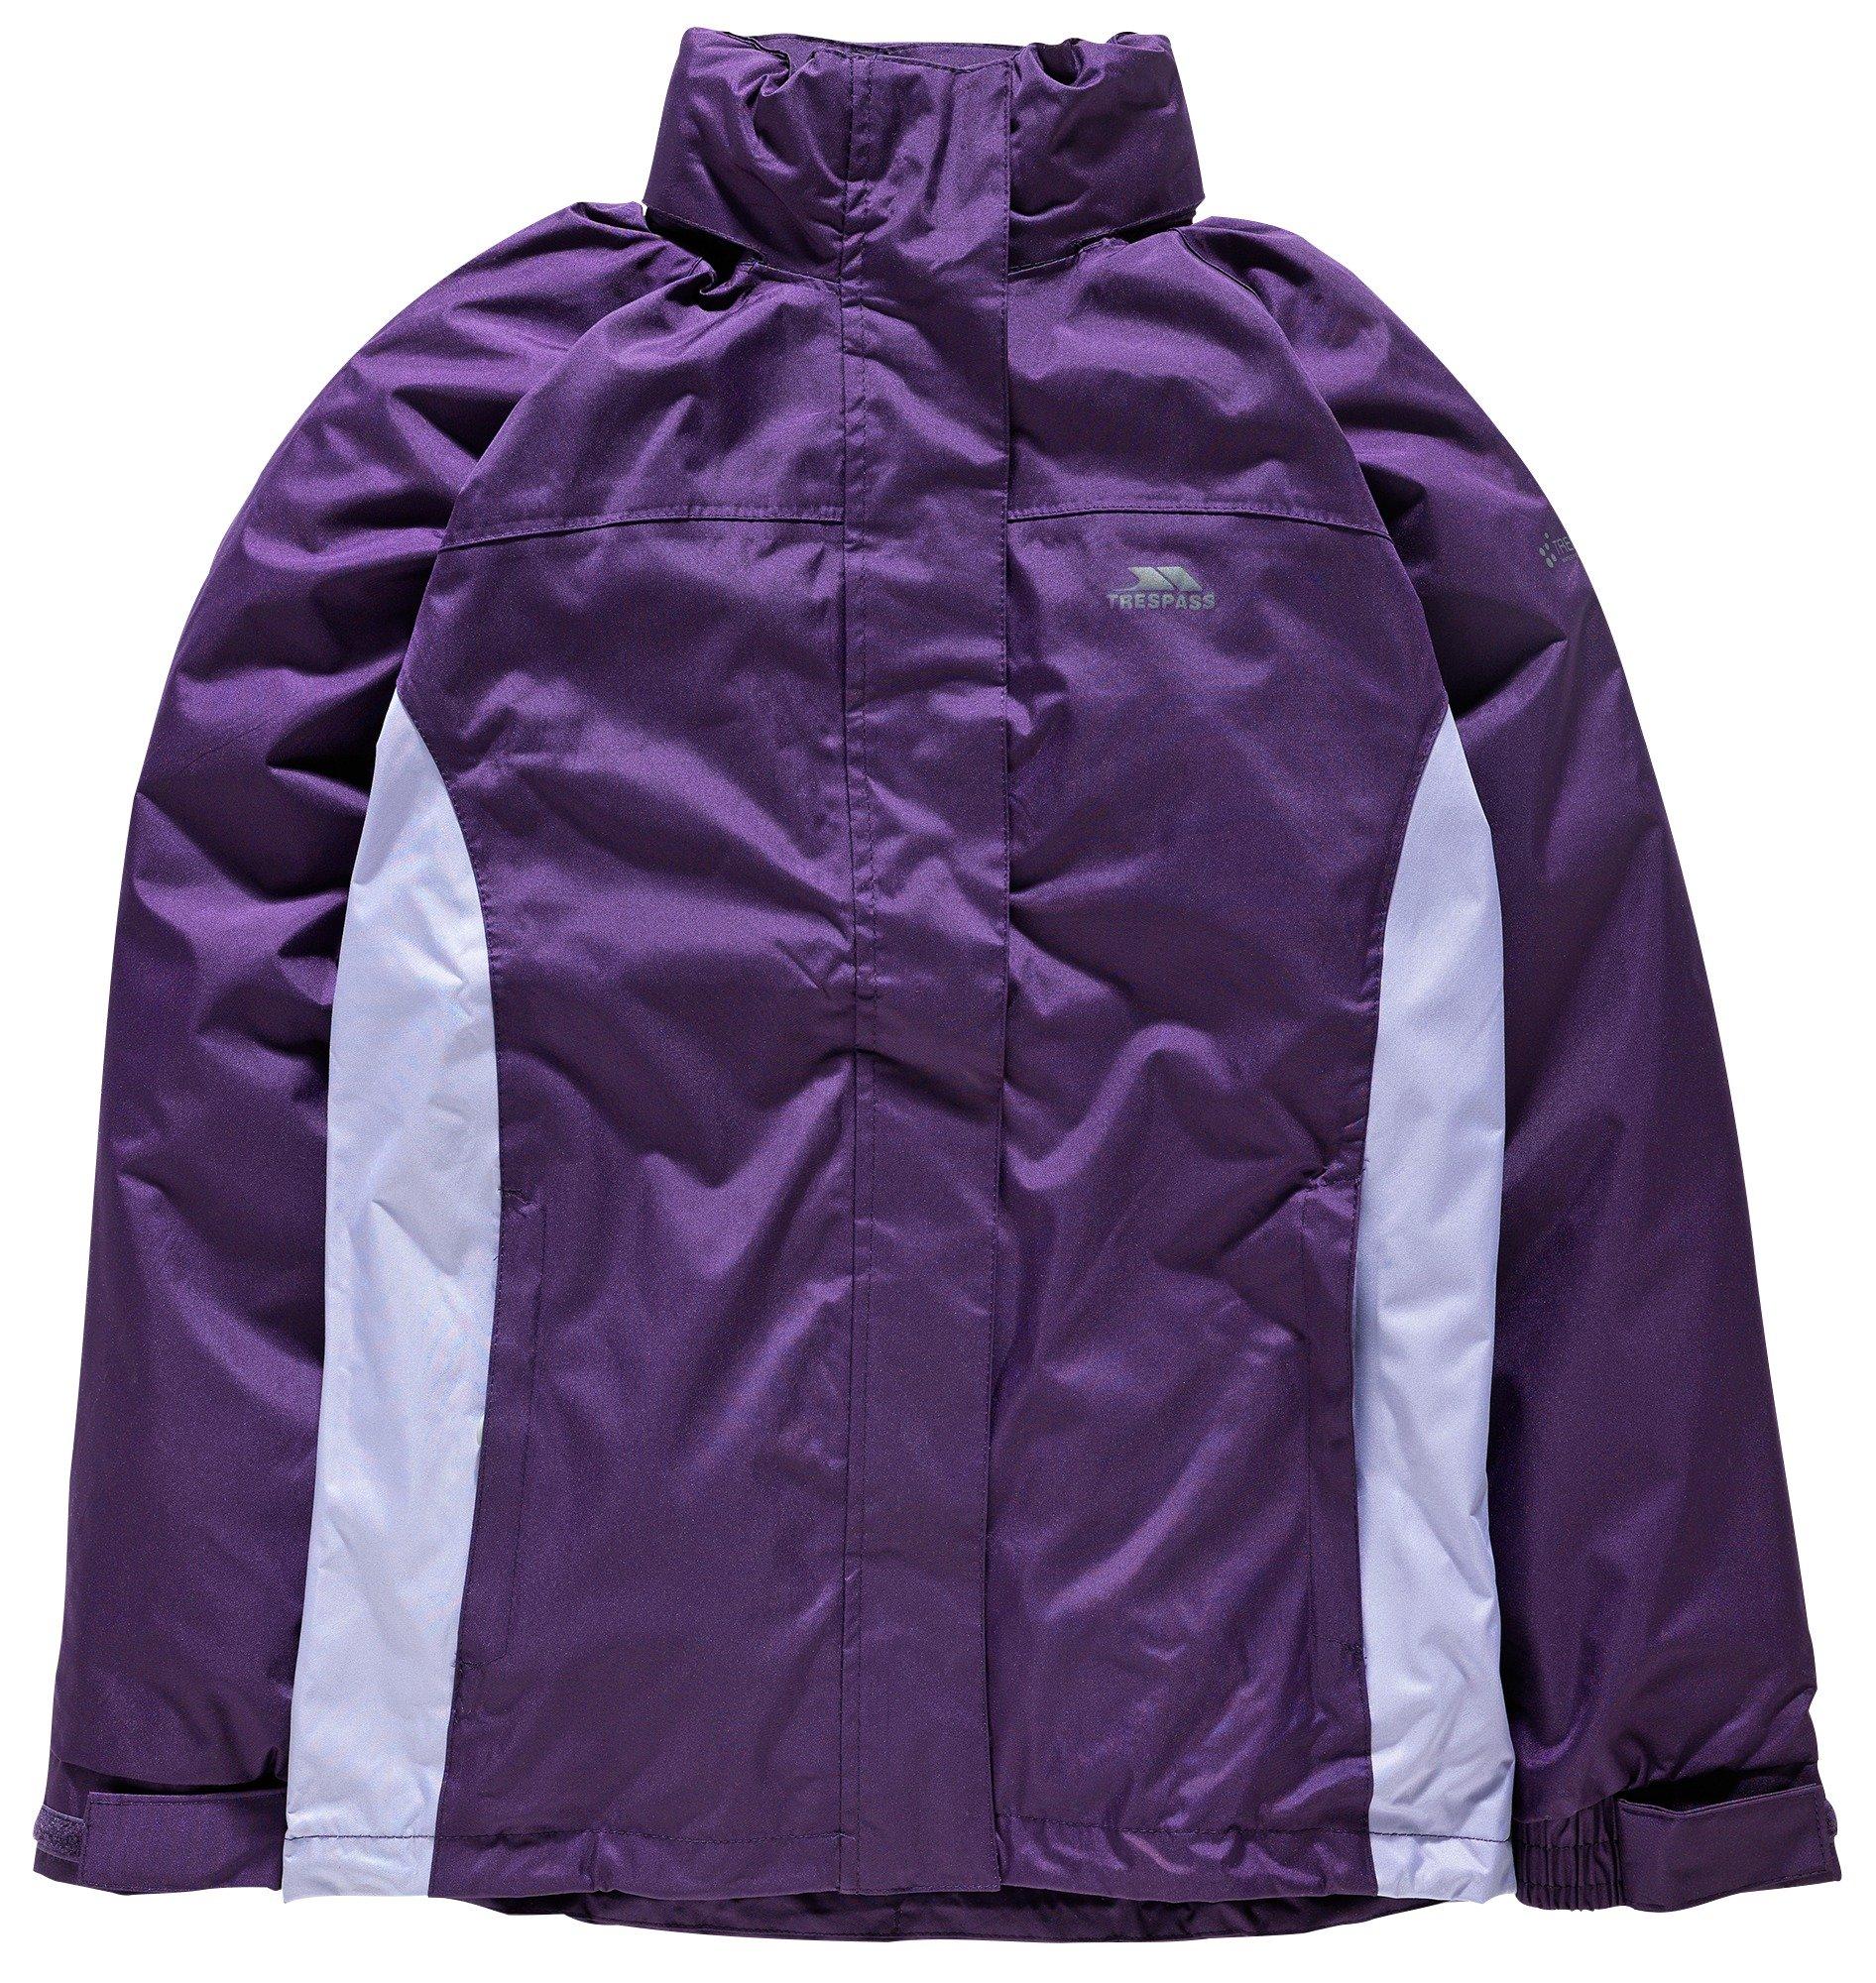 Image of Trespass Ladies' Purple Tarron II Jacket - Medium